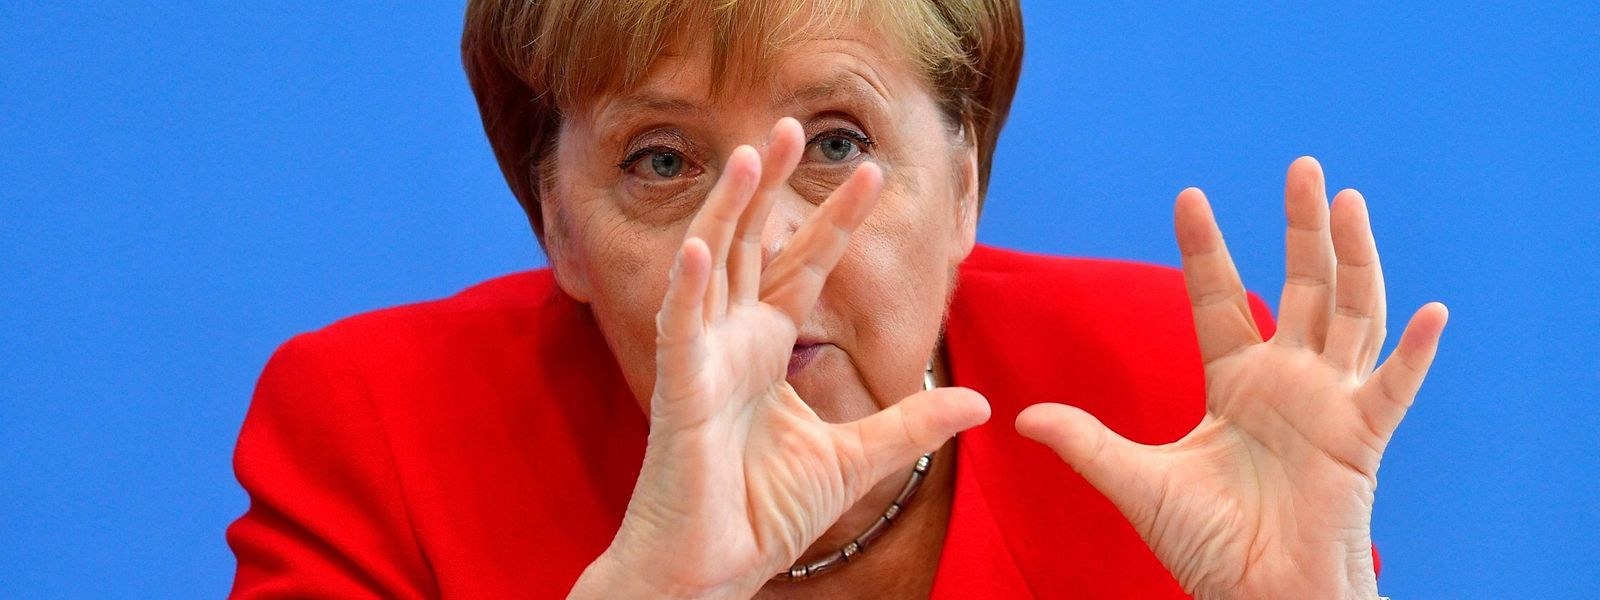 La chancelière Angela Merkel n'a pas ouvertement désigné la Ligue de Matteo Salvini dans ses propos.